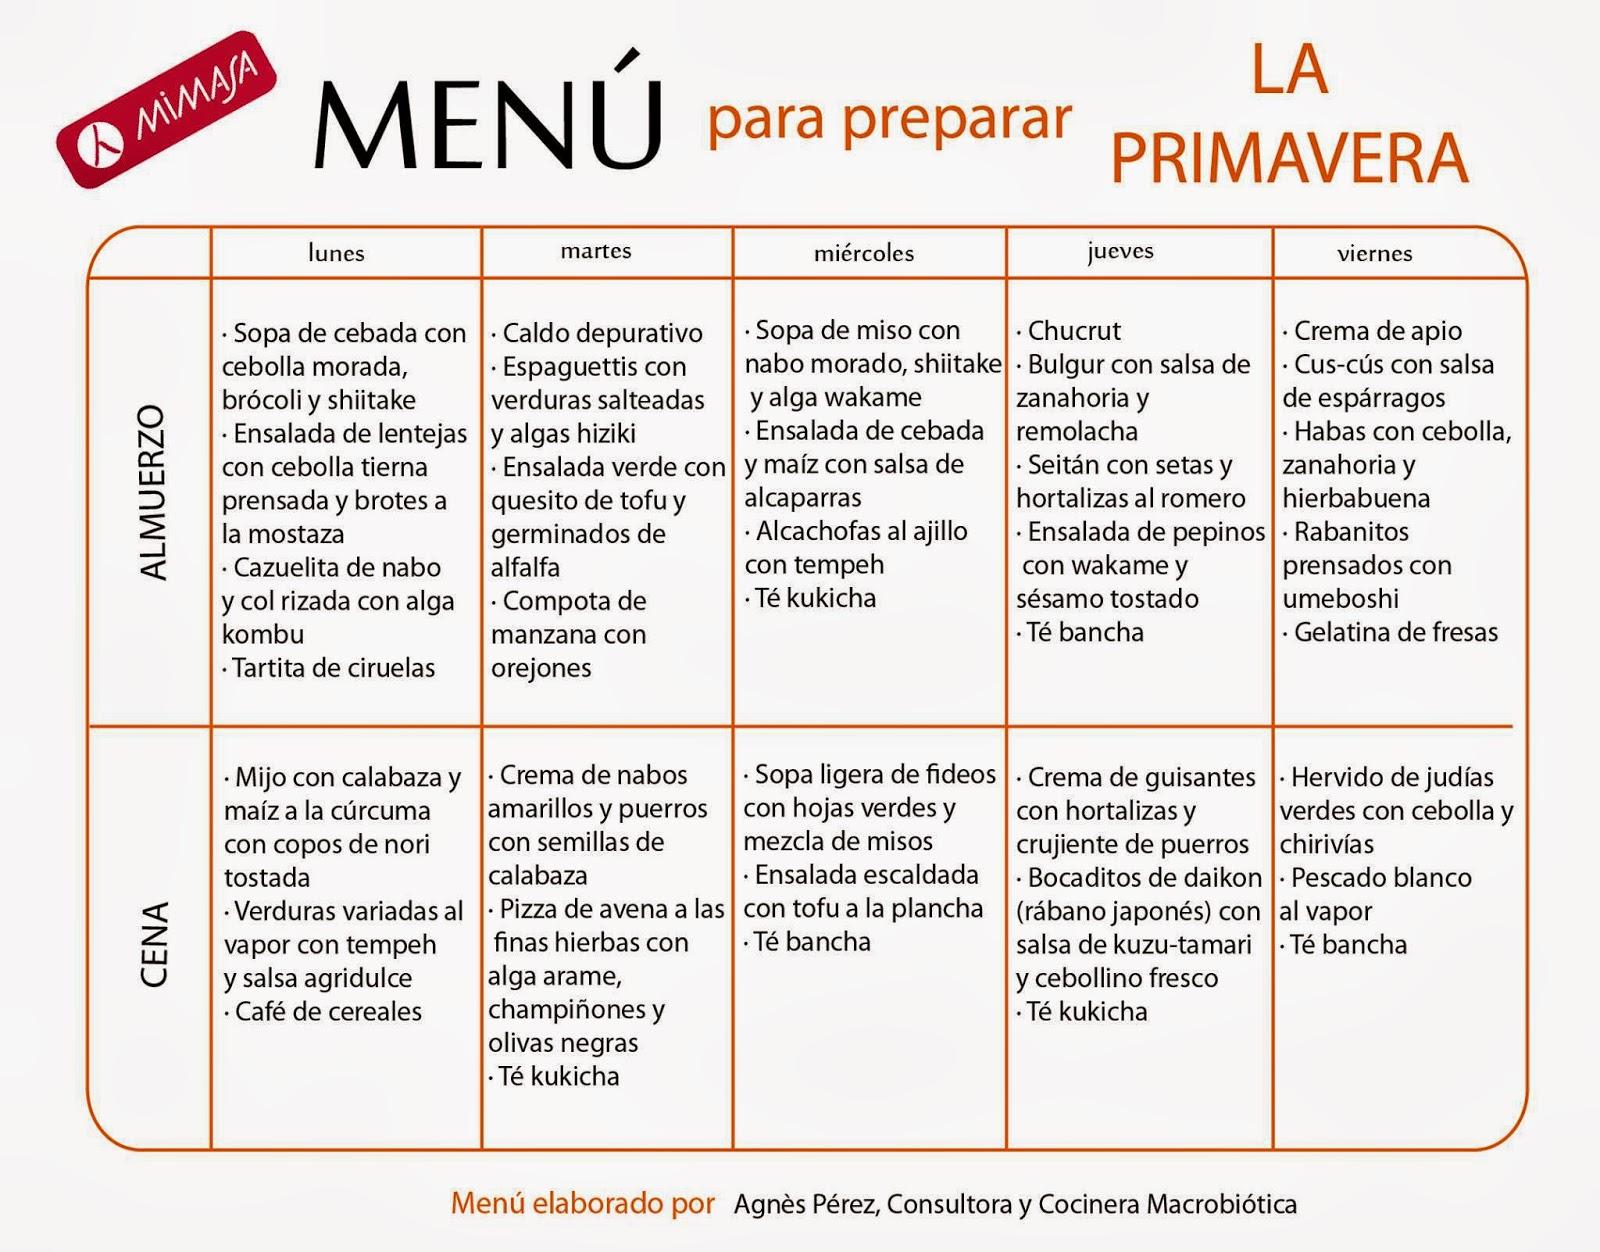 Nutrici n para la salud men s macrobi ticos para preparar for Manual de compras de un restaurante pdf